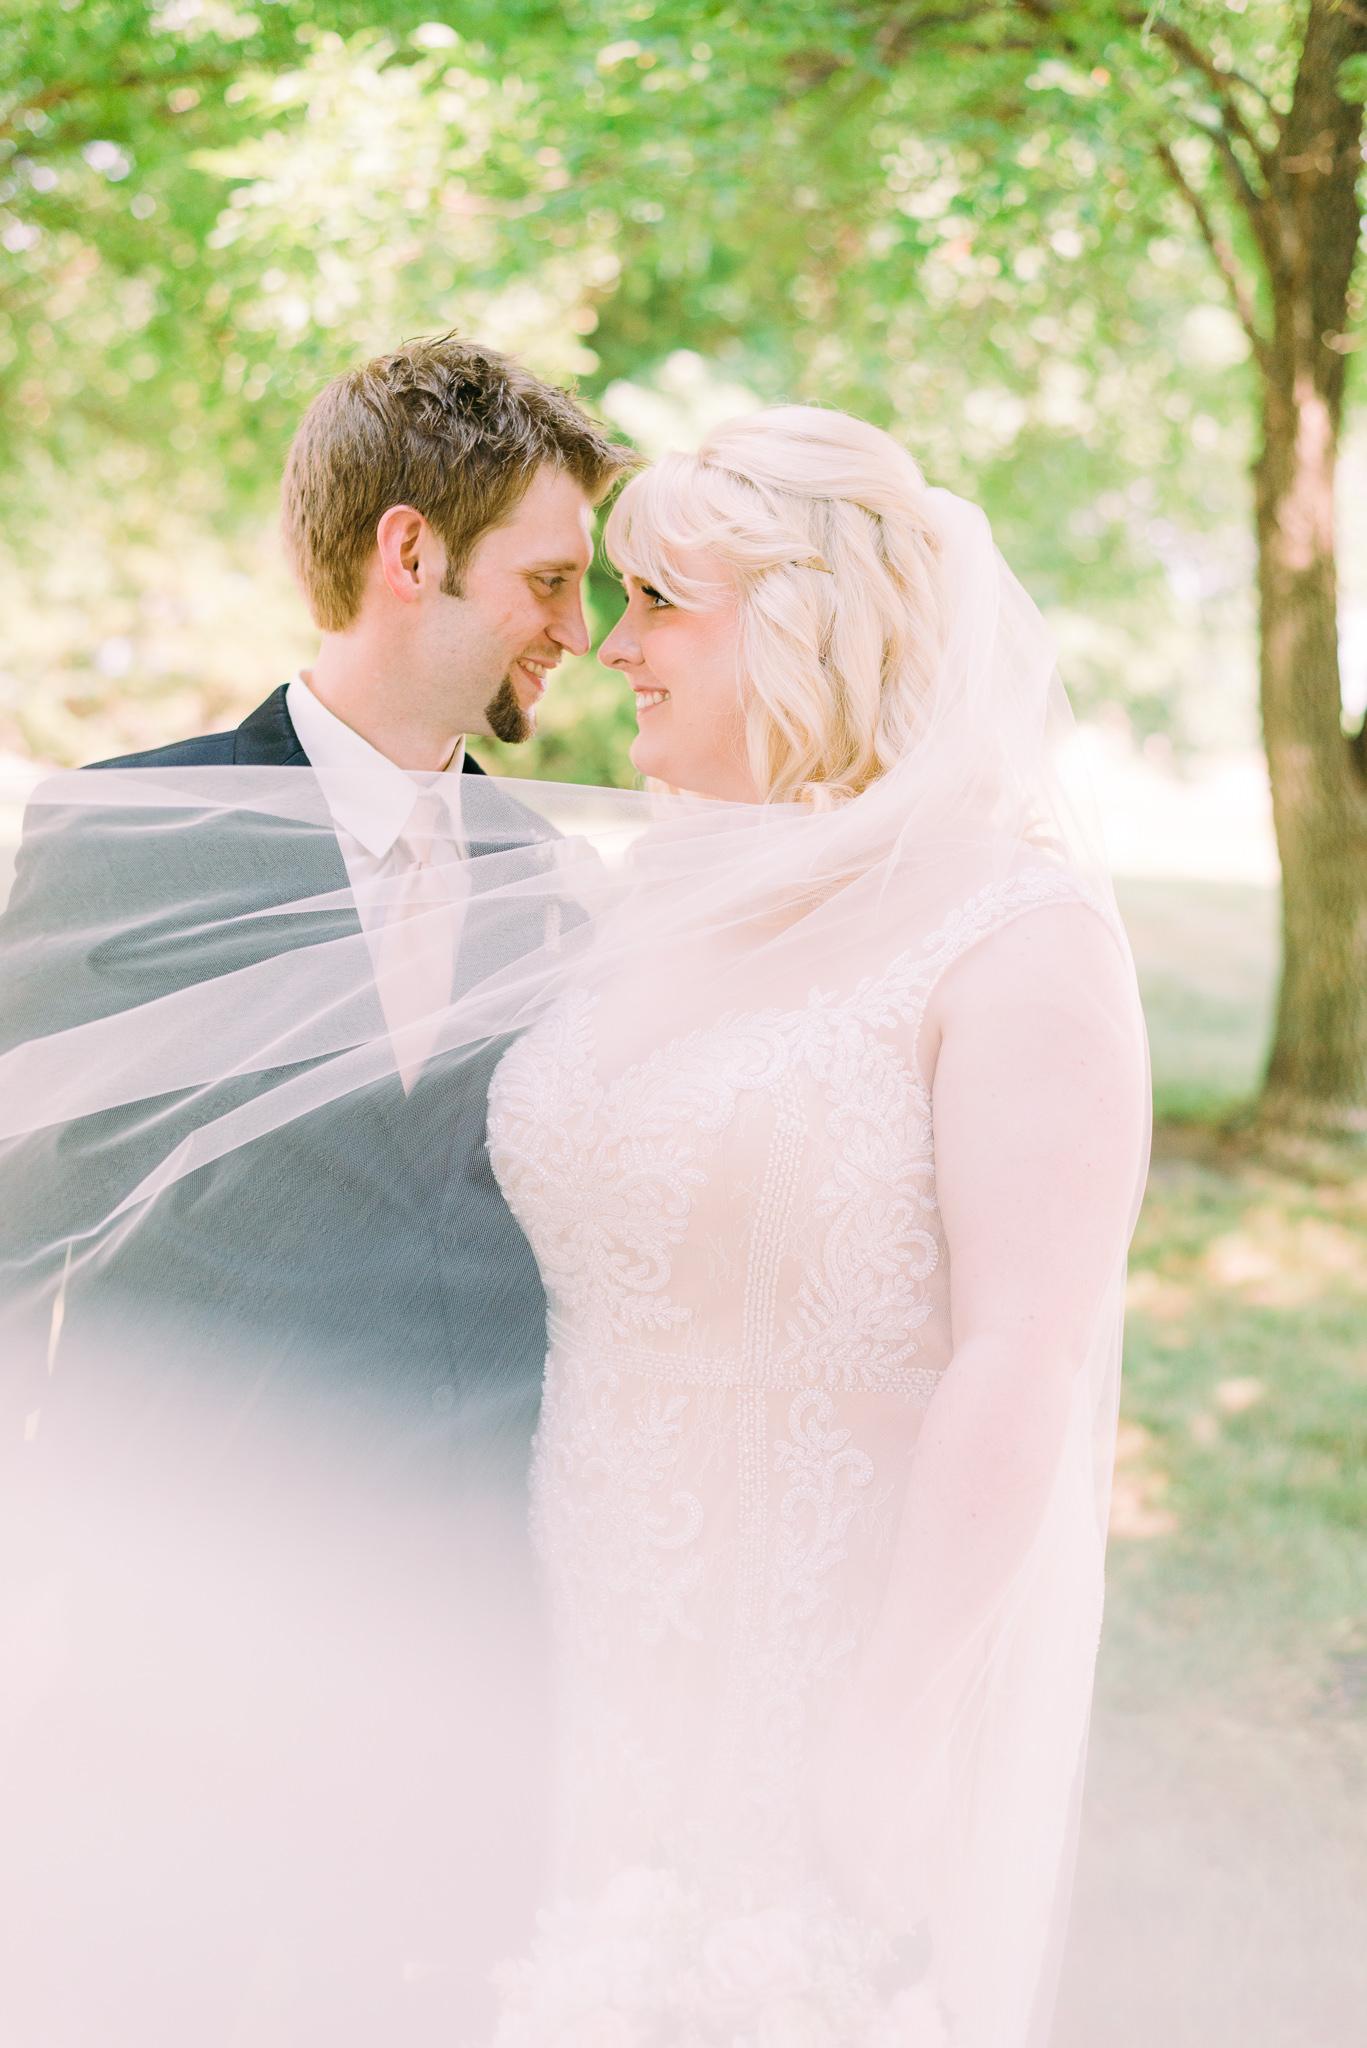 Katie-Jordan-Wedding-Bridges-Bay-Resort-Arnolds-Park-IA-2020581